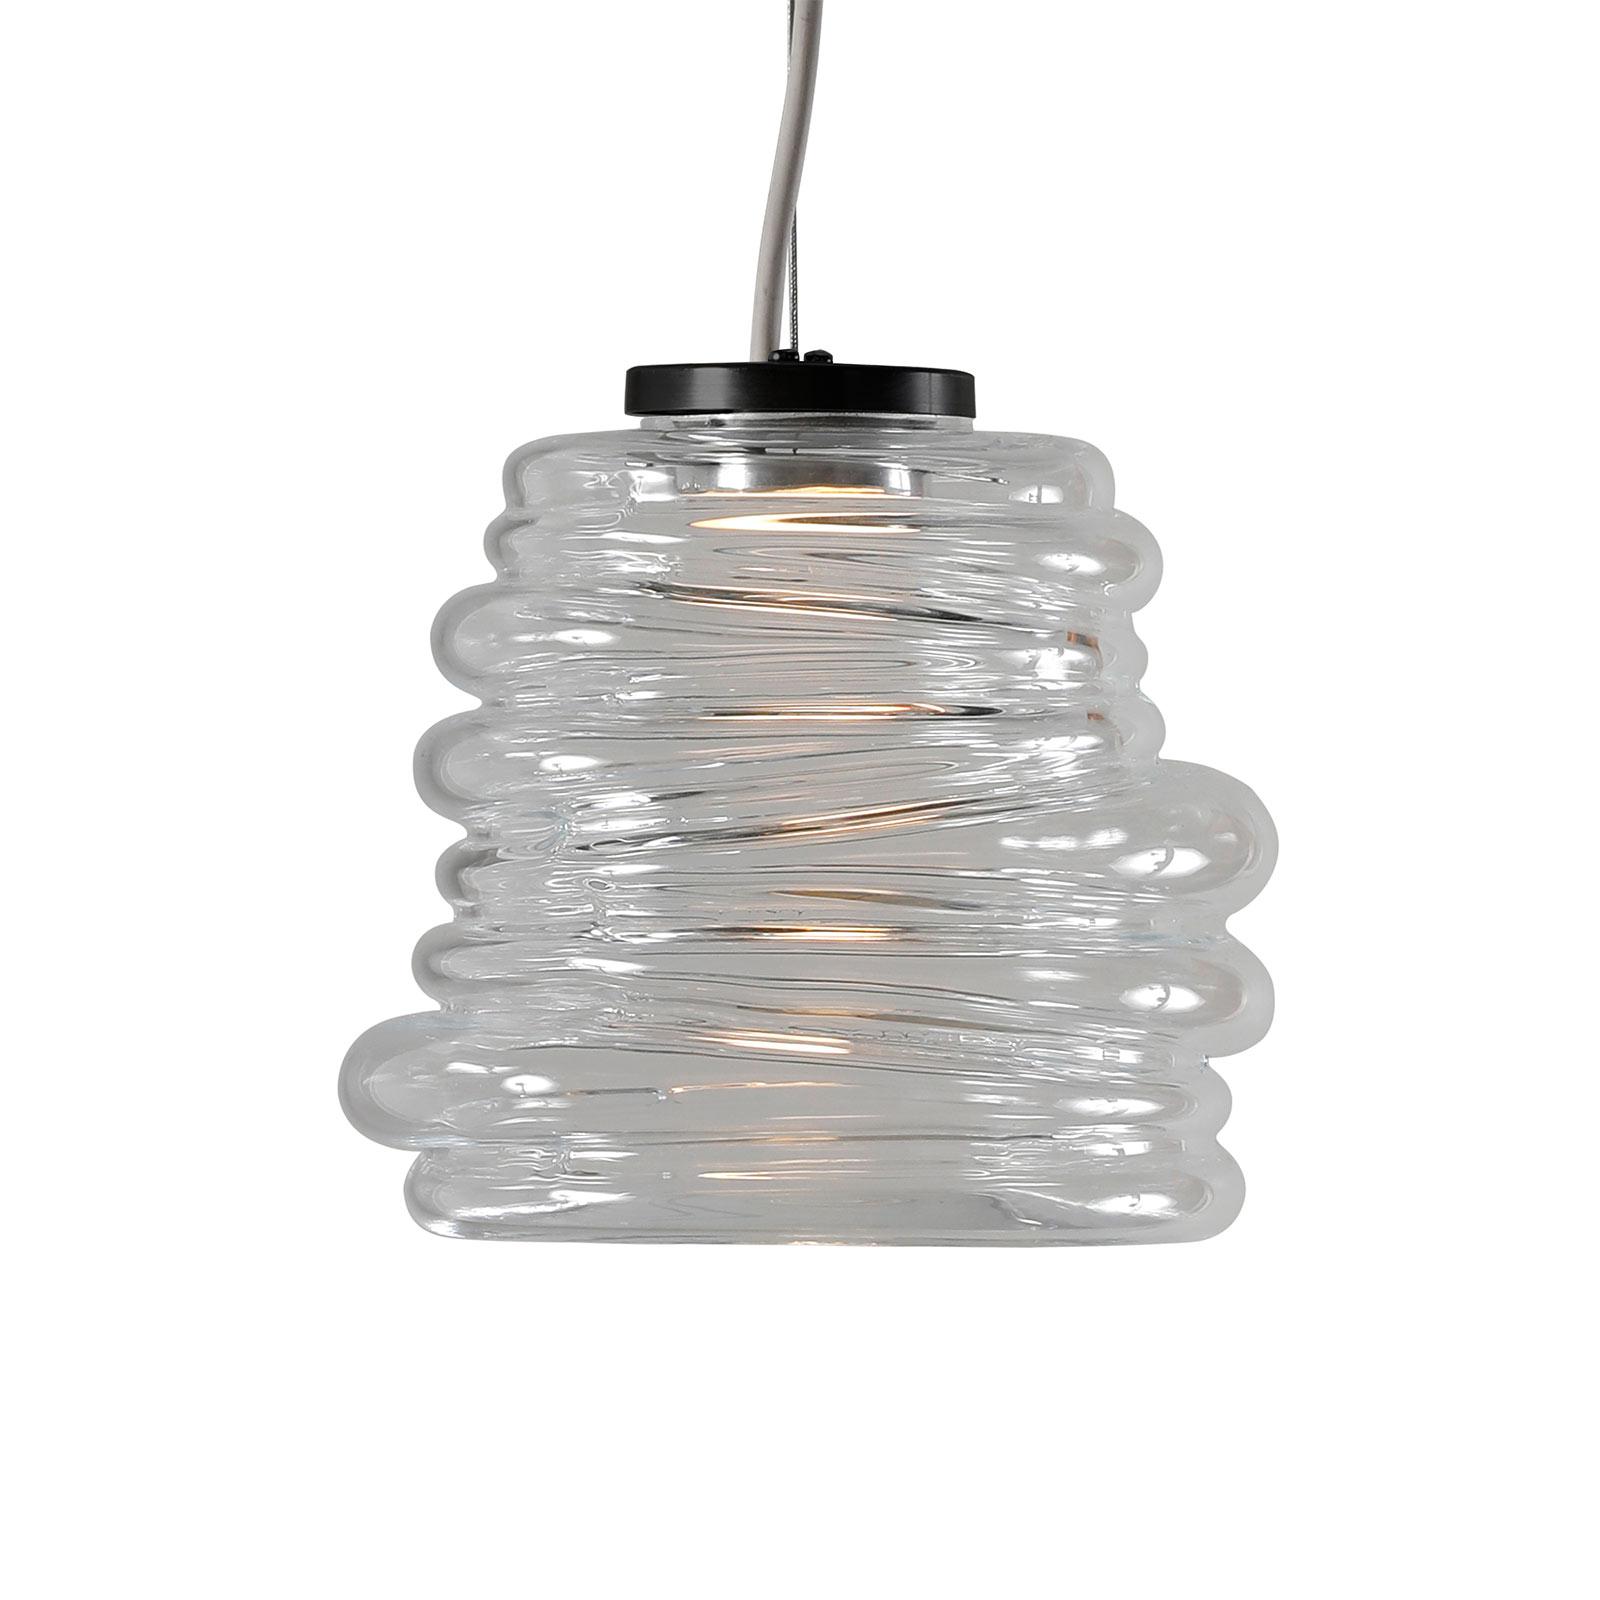 Karman Bibendum LED sospensione, Ø 15 cm, traspar.